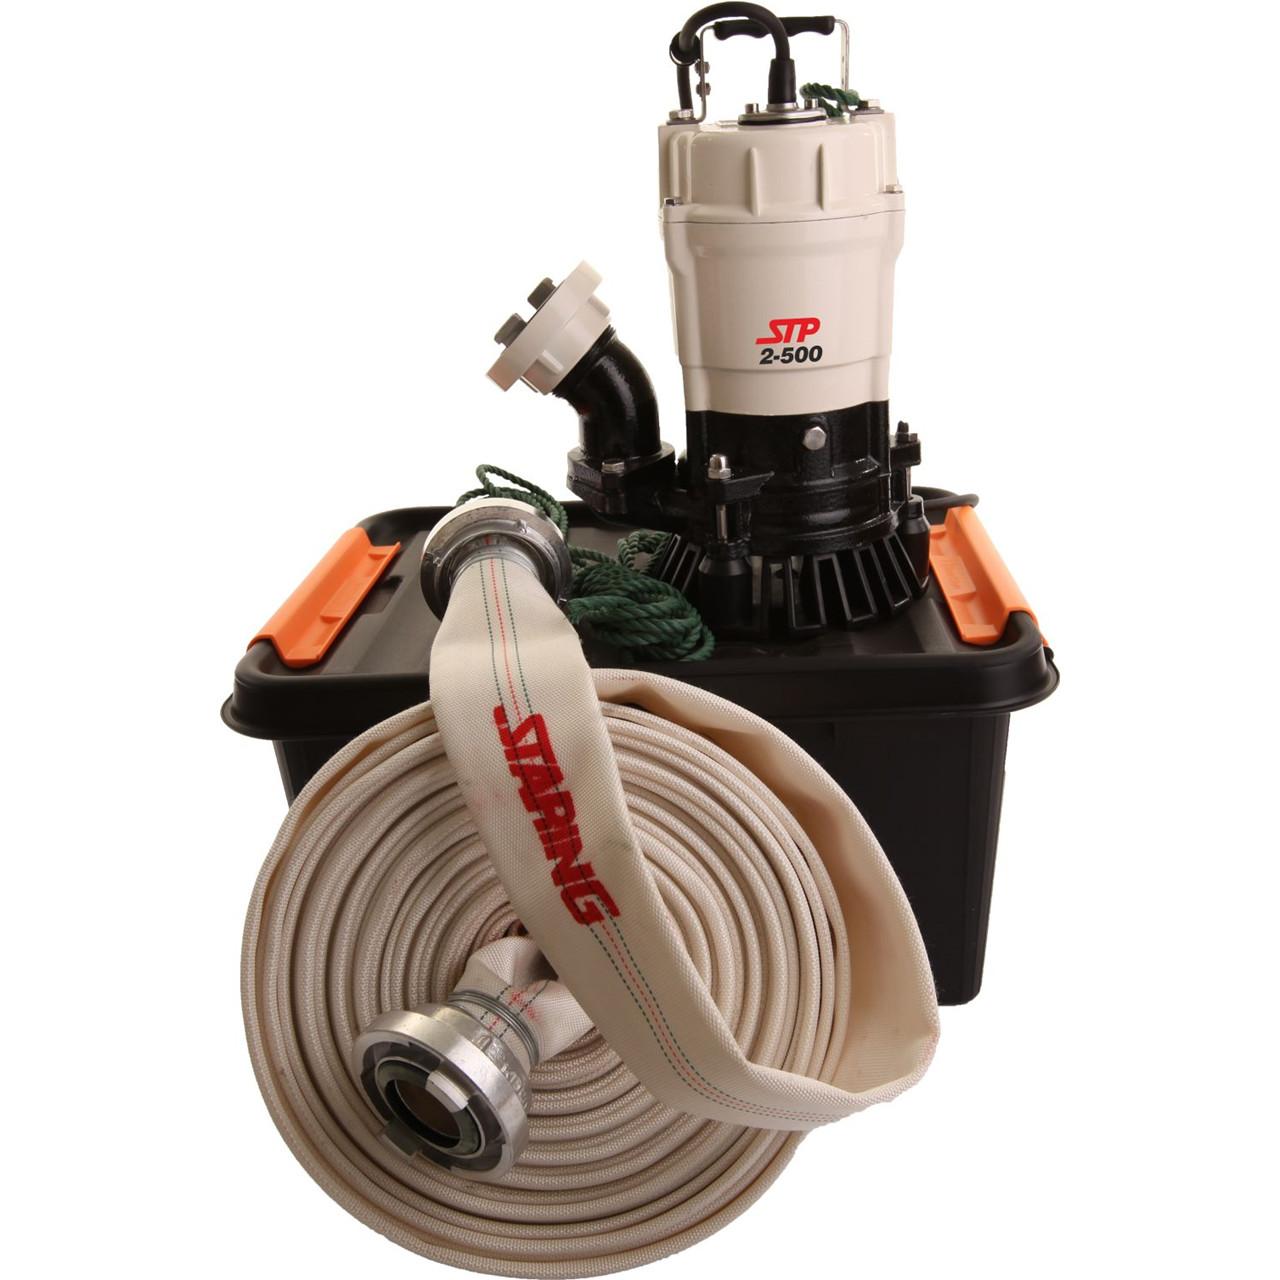 Køb STARING Entreprenørpumpe STP2-500 2″ med 15 meter slange og koblinger